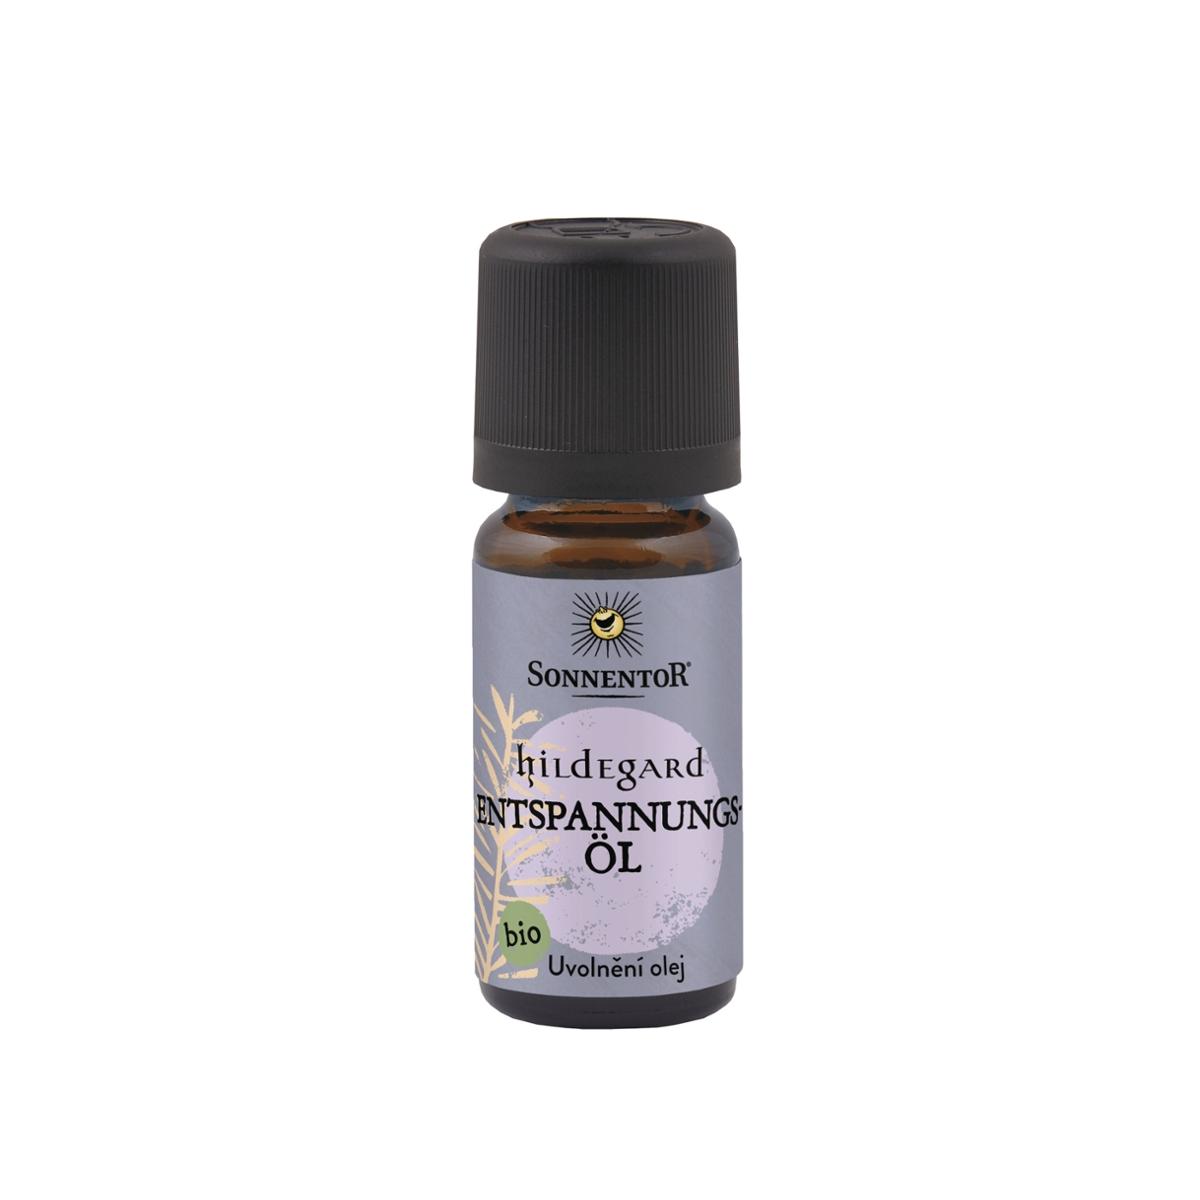 Ätherisches Öl Entspannung Hildegard